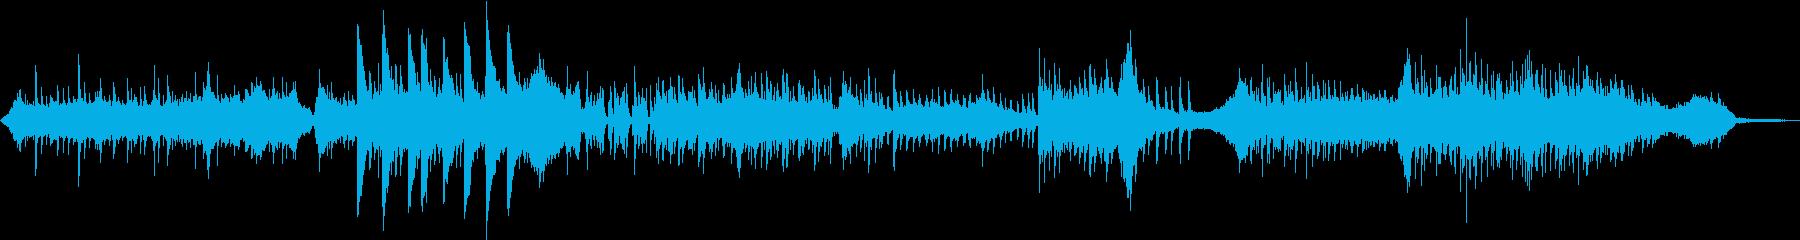 ワルシャワな音とドラマチックな合唱...の再生済みの波形